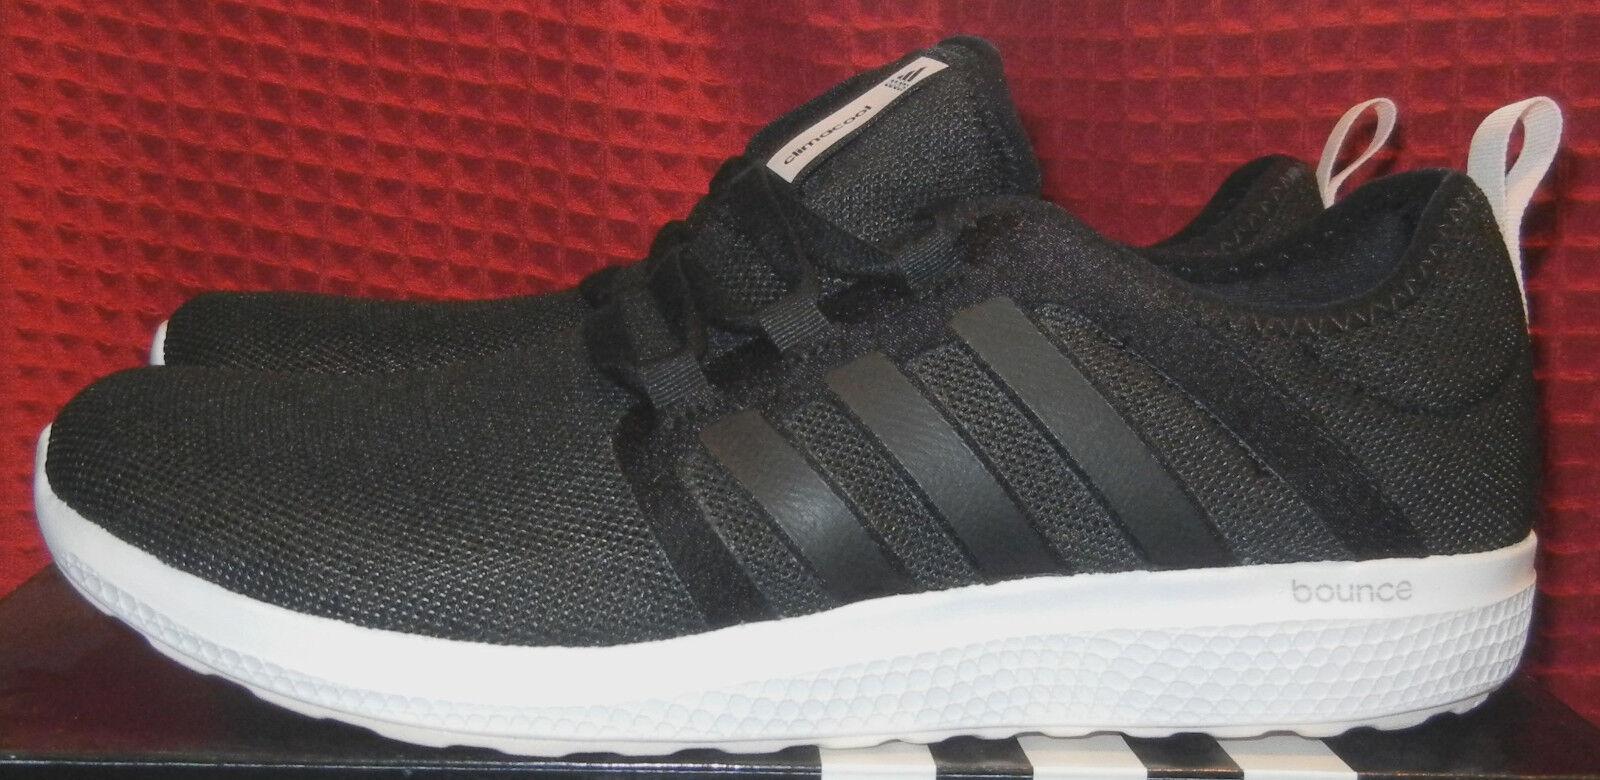 Adidas performance freschi rimbalzare le scarpe da corsa / / / donne noi dimensioni 11,5 c1a6f5